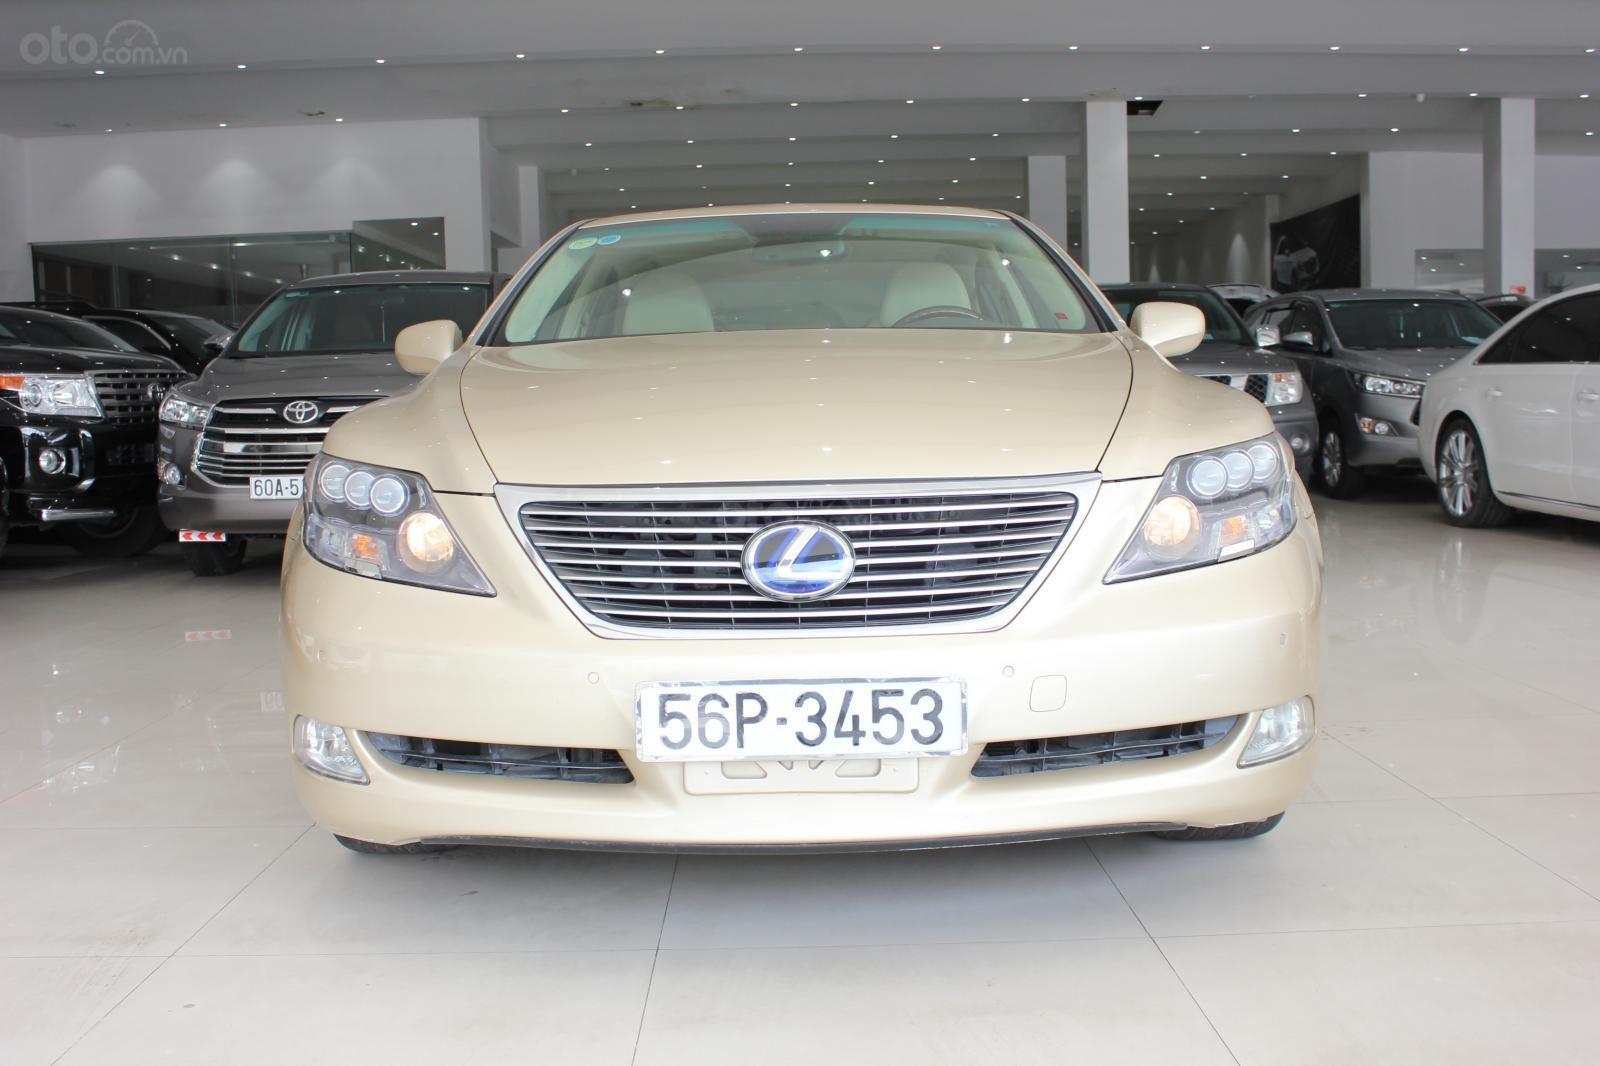 Cần bán xe Lexus LS 600HL 5.0 xăng điện 2008, màu vàng, nhập khẩu (2)